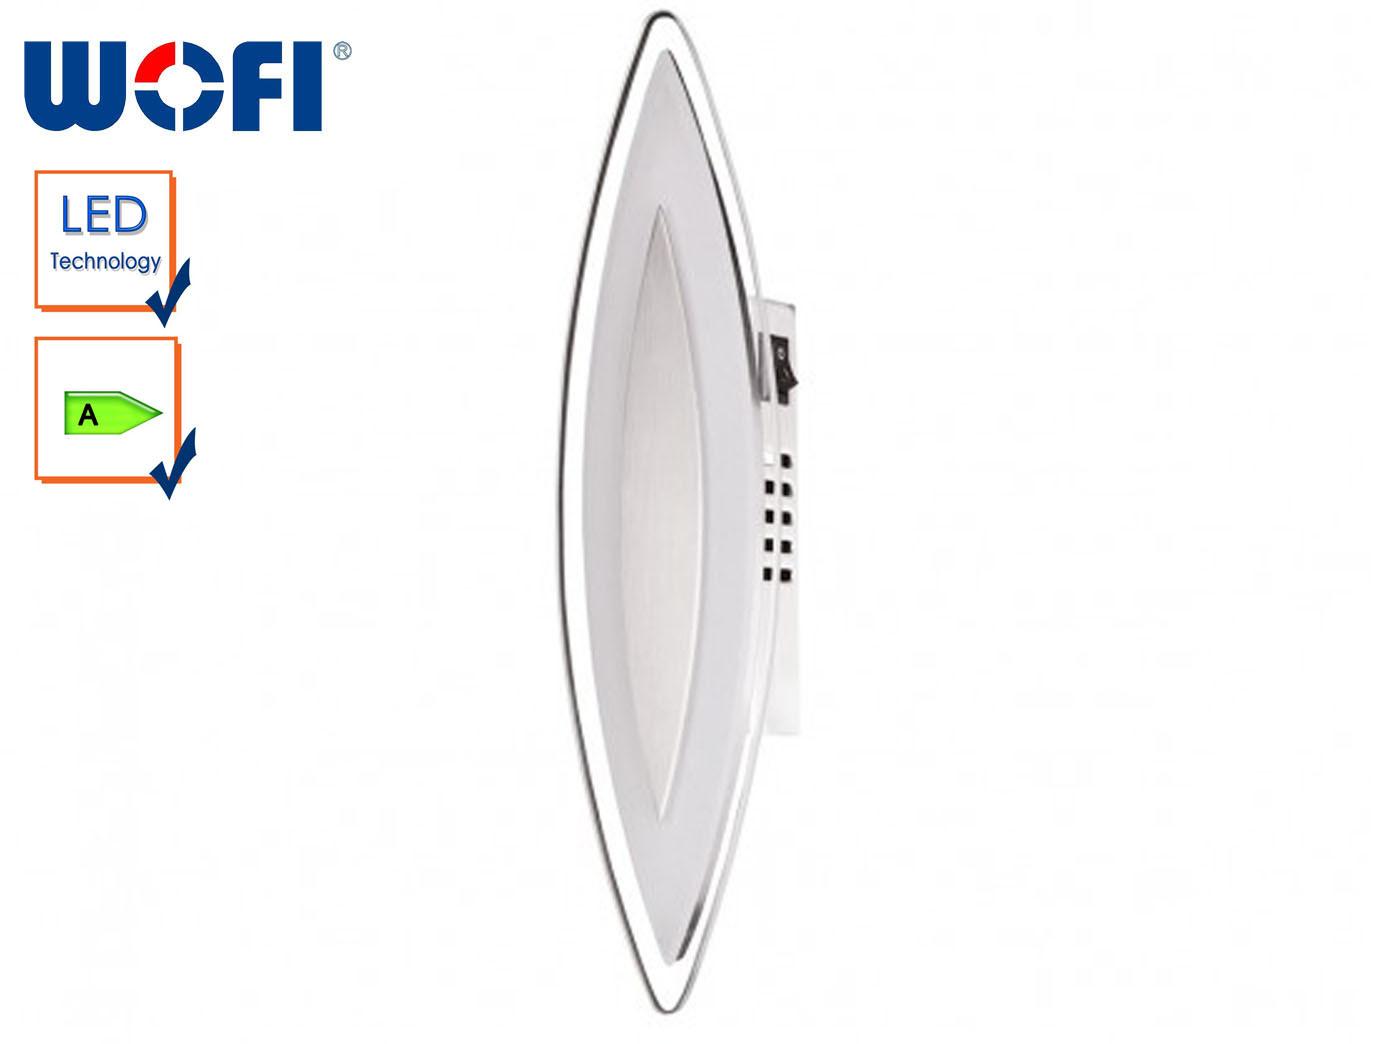 LED-Wandleuchte, satinierte Glasblende, Schalter, Wofi-Leuchten | ein guter Ruf in der Welt